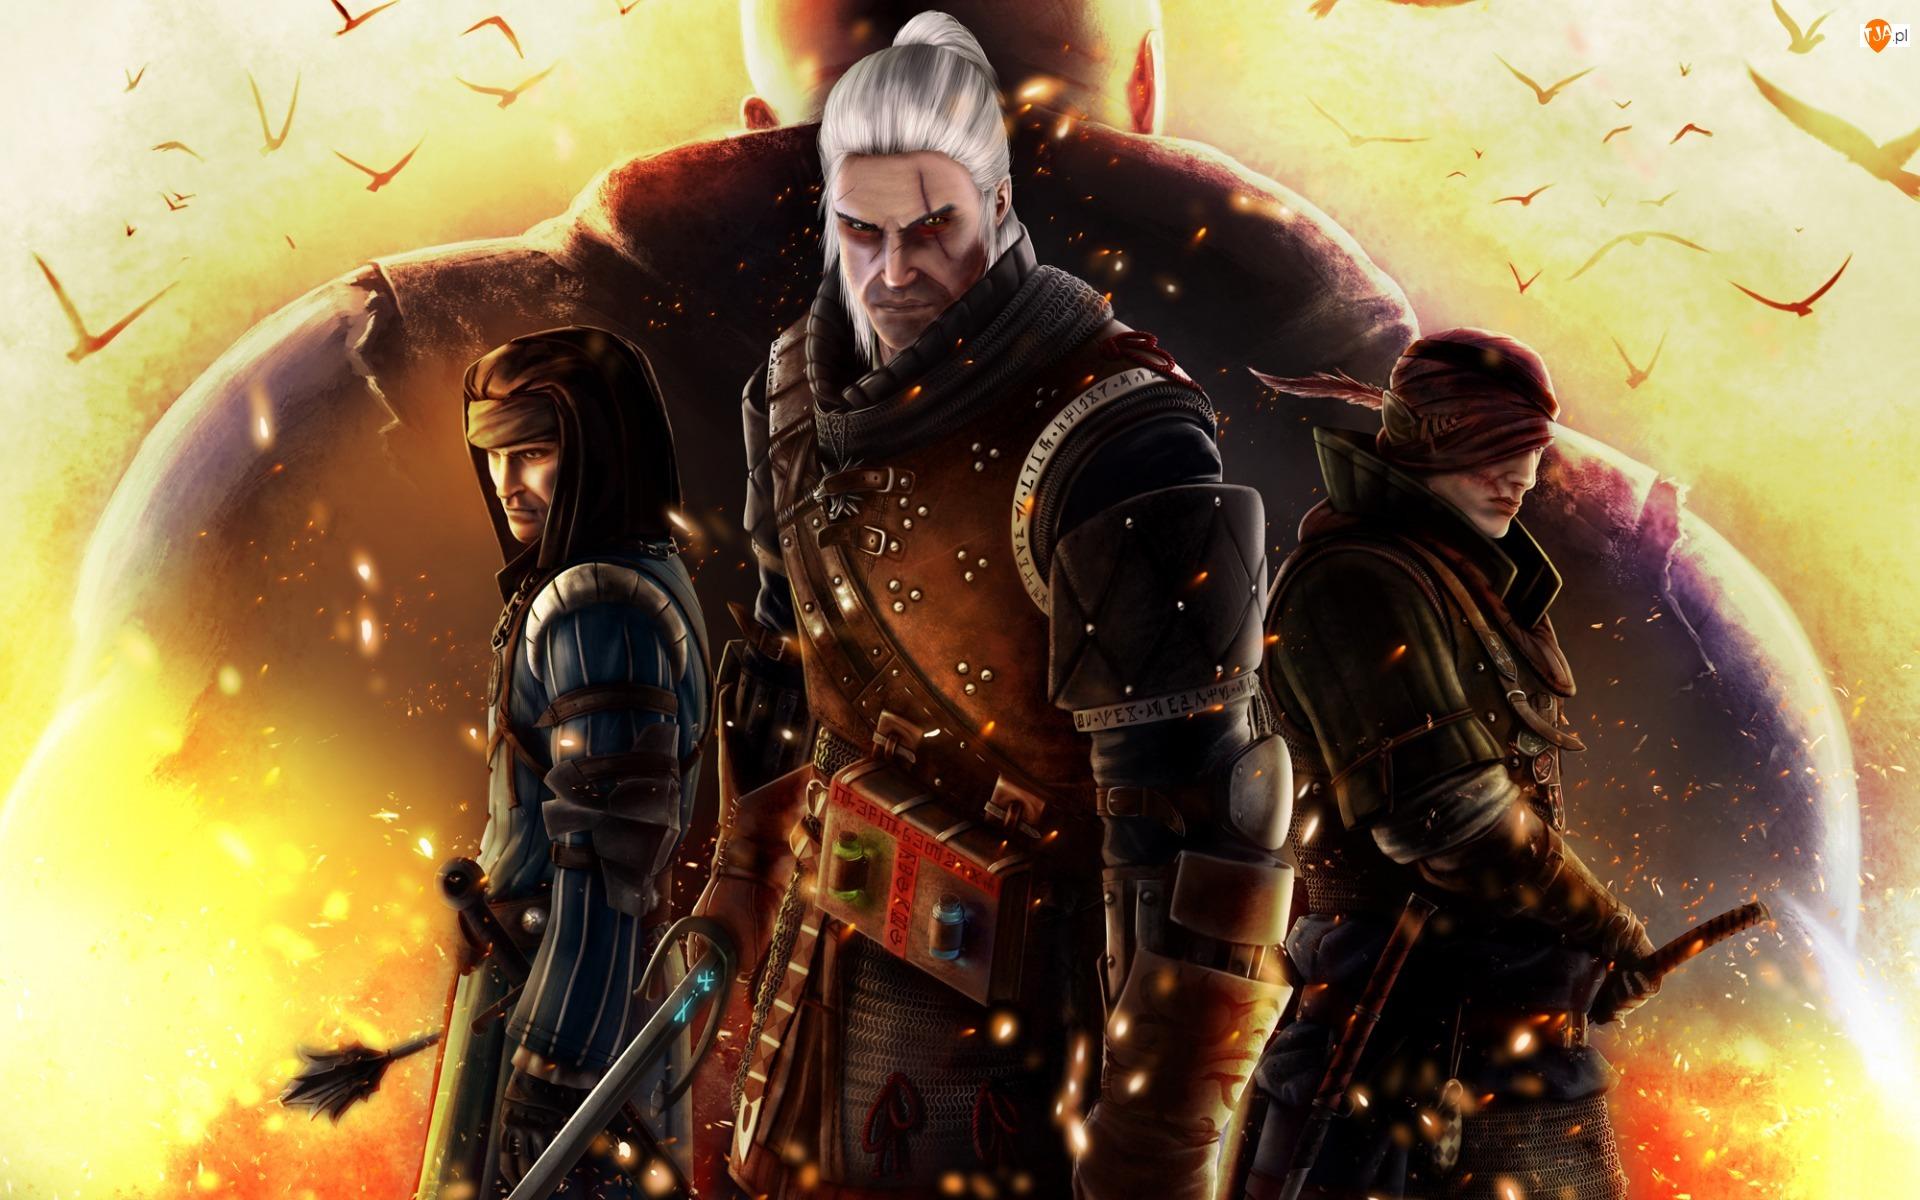 Wiedźmin 2 : Zabójcy królów, Iorveth, Vernon Roche, Geralt z Rivii